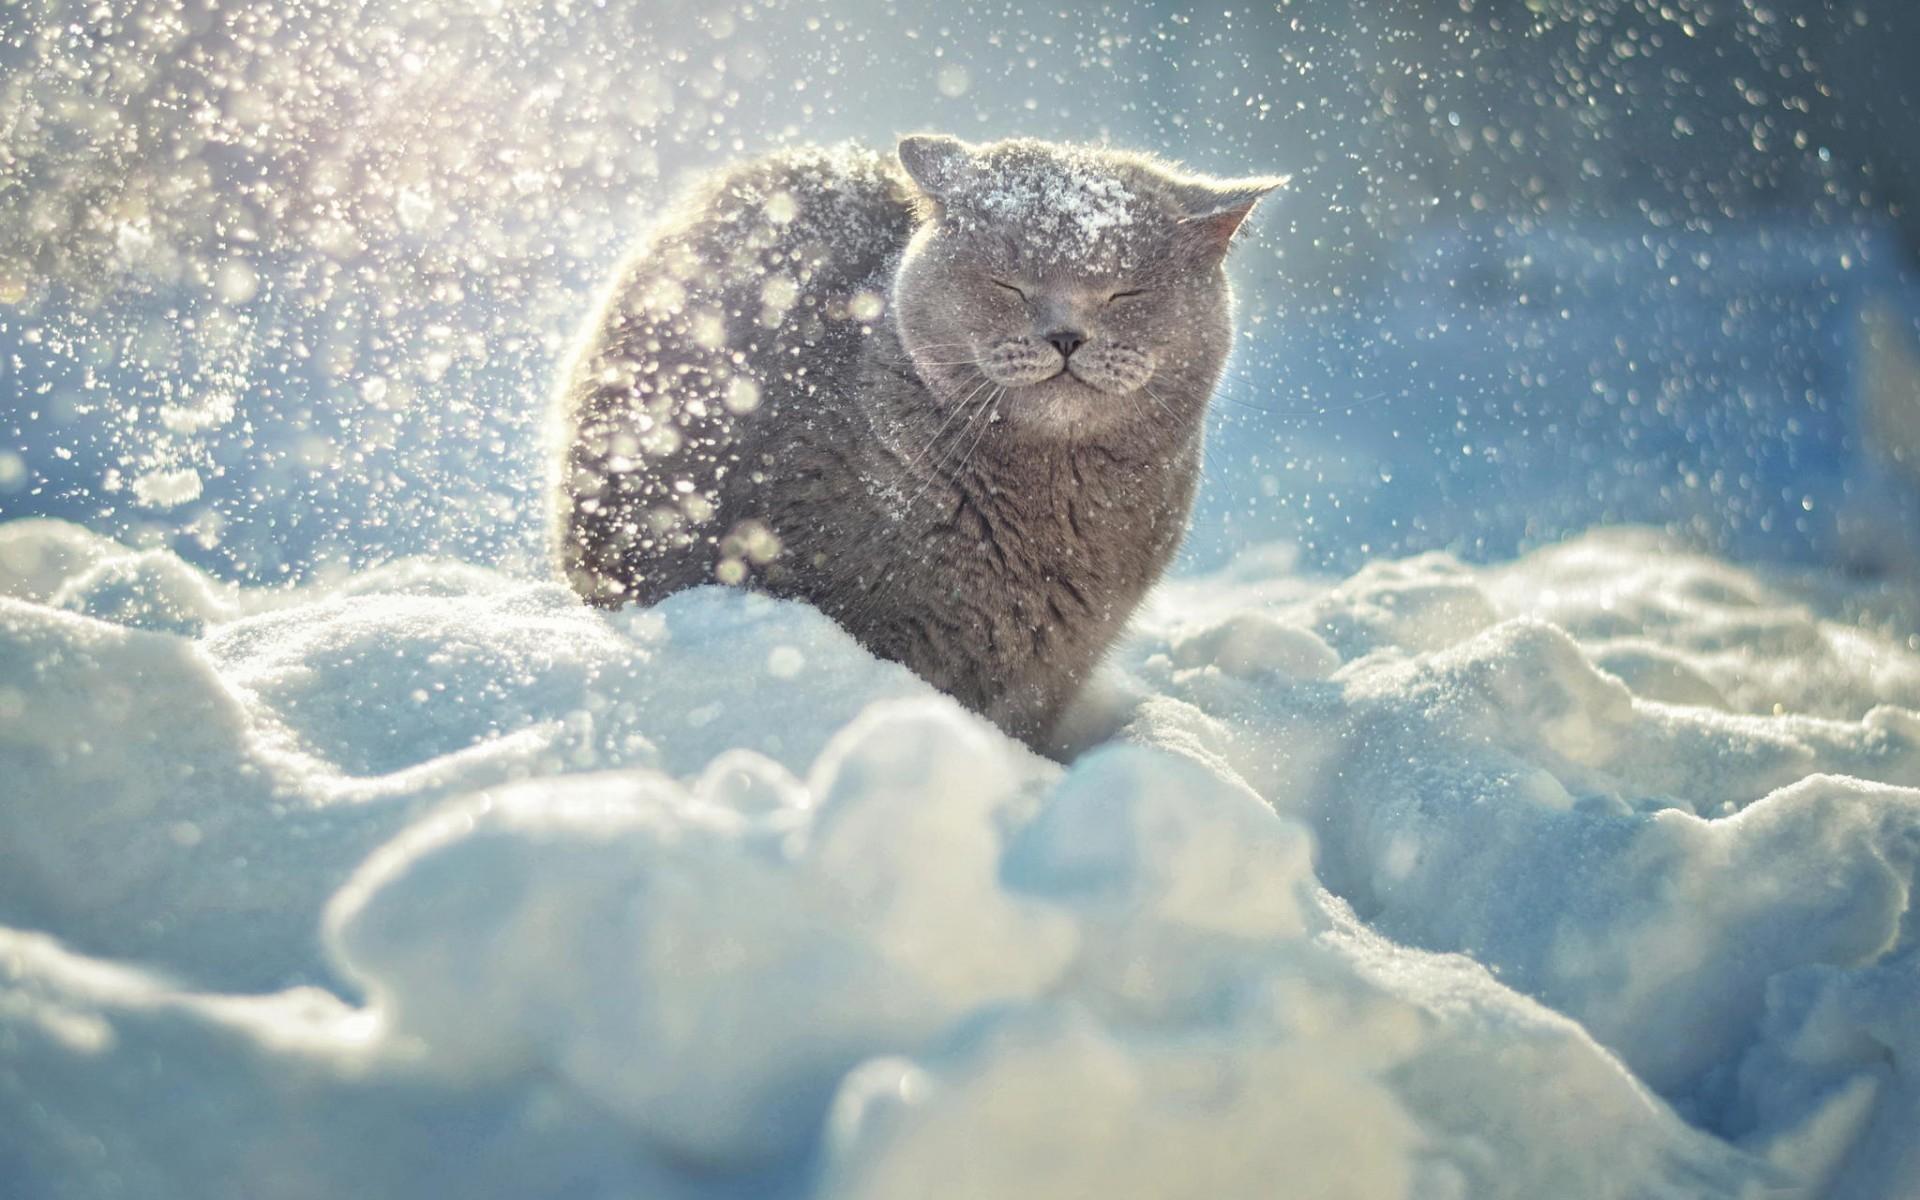 Кот на снегу без смс